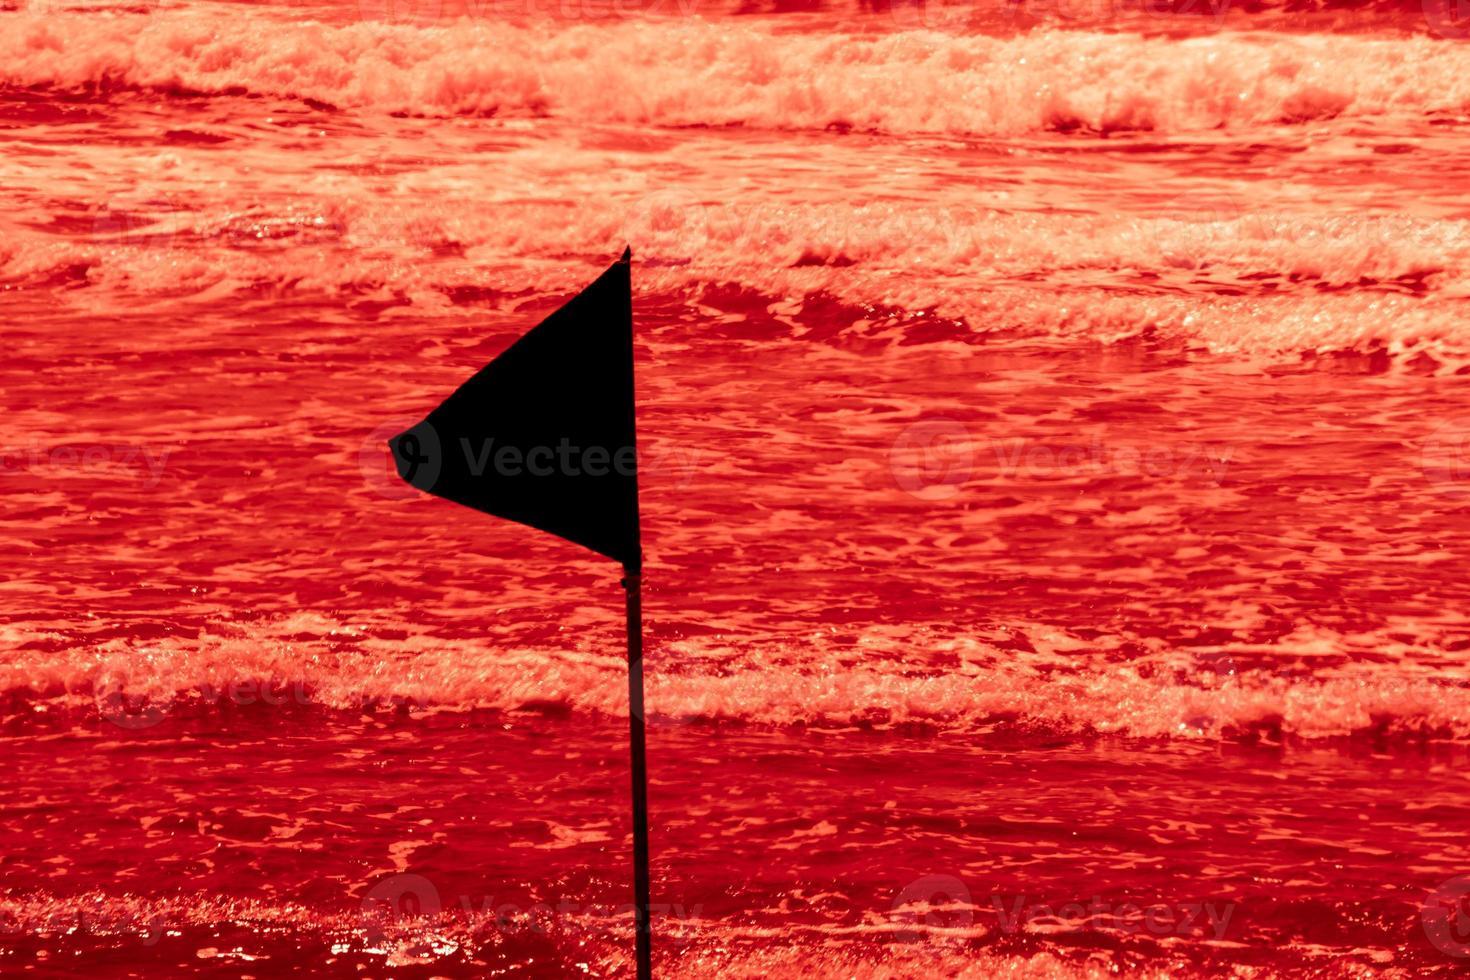 bandiera nera di avvertimento che segna il limite dell'area di nuoto sicura in una bellissima spiaggia con cielo blu e mare turchese in israele foto